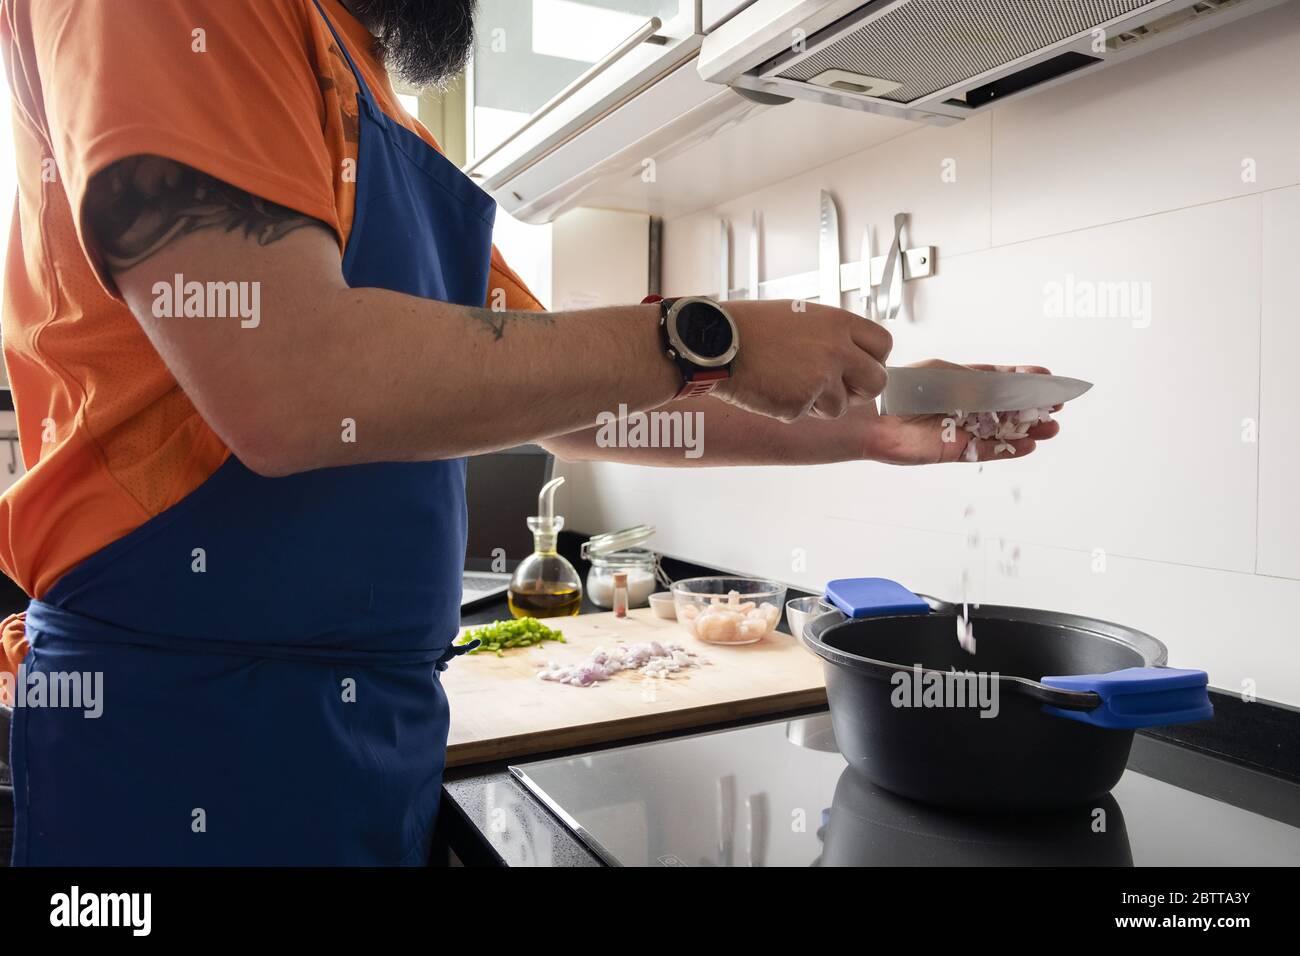 hombre irreconocible poniendo cebolla picada en una olla para preparar una comida saludable, concepto de cocina casera Foto de stock